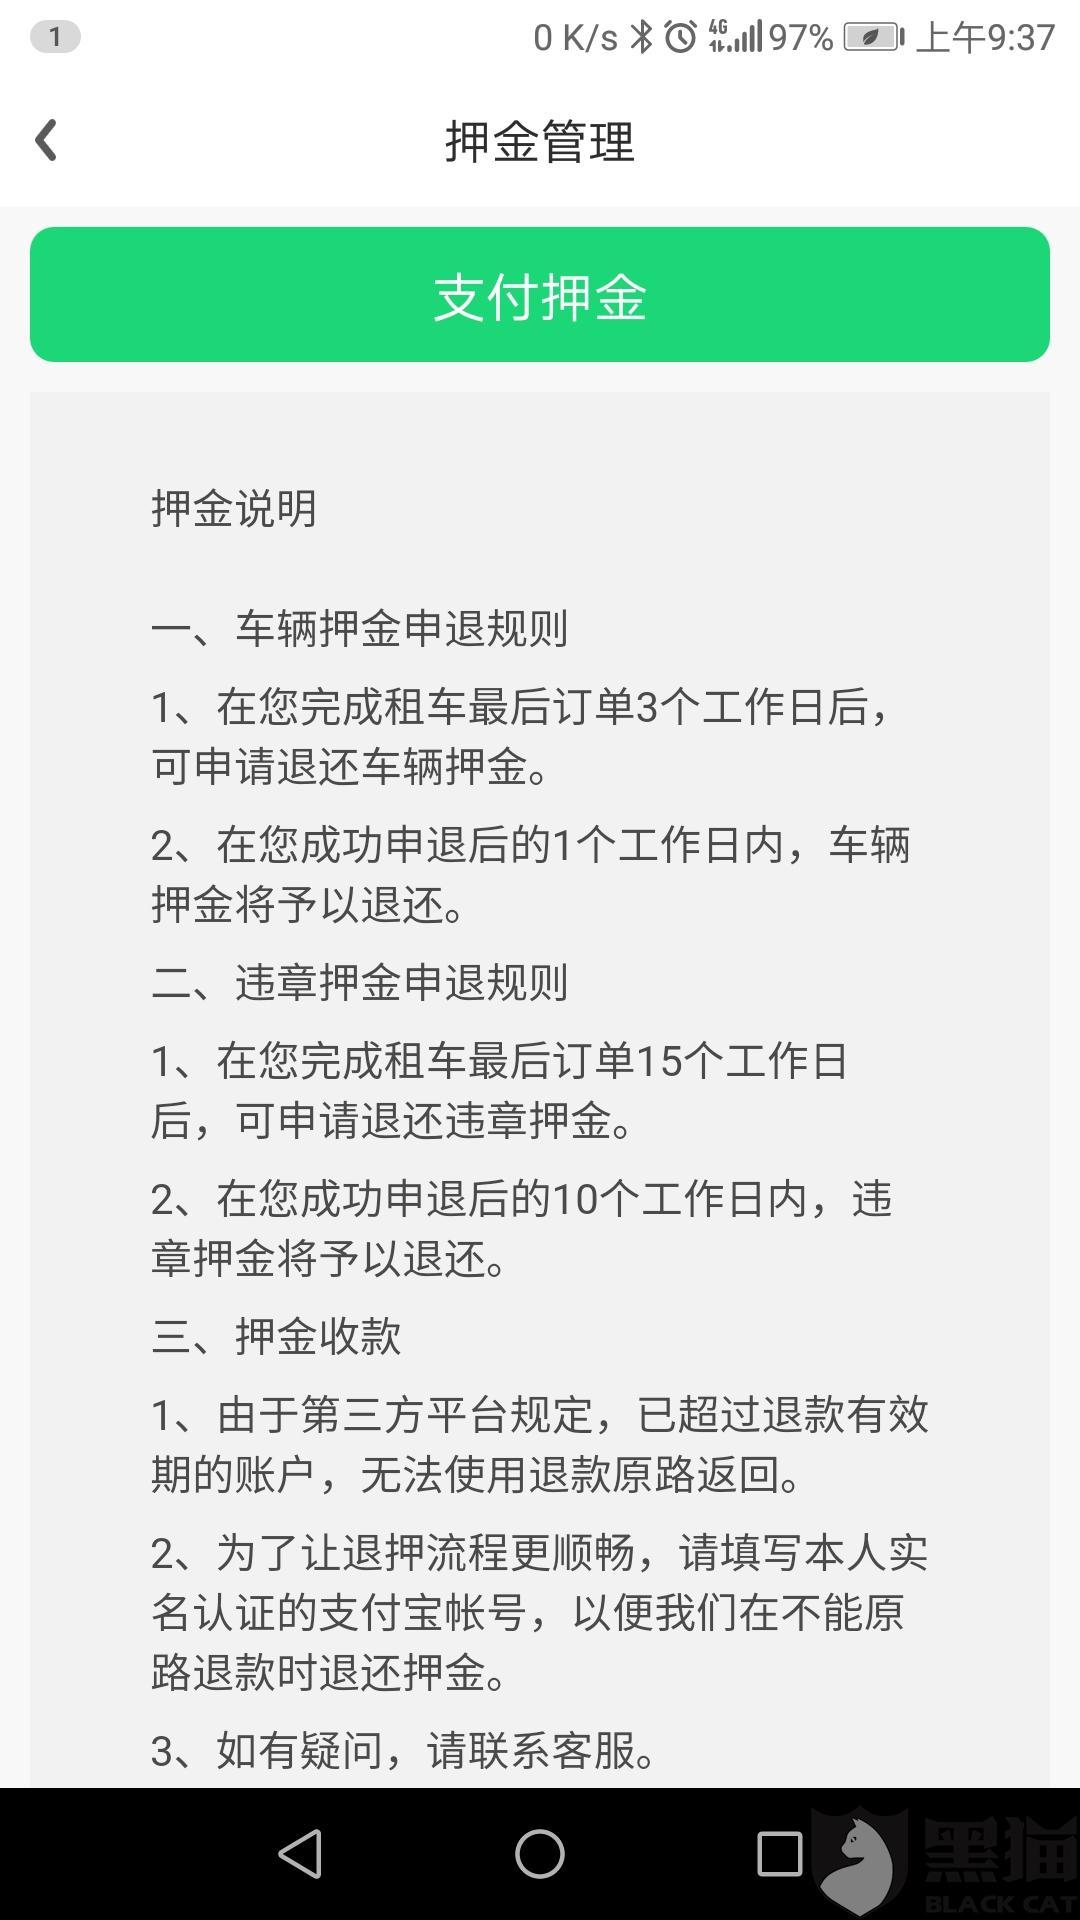 黑猫投诉:幸福叮咚广州 不退押金 不退押金  不退押金